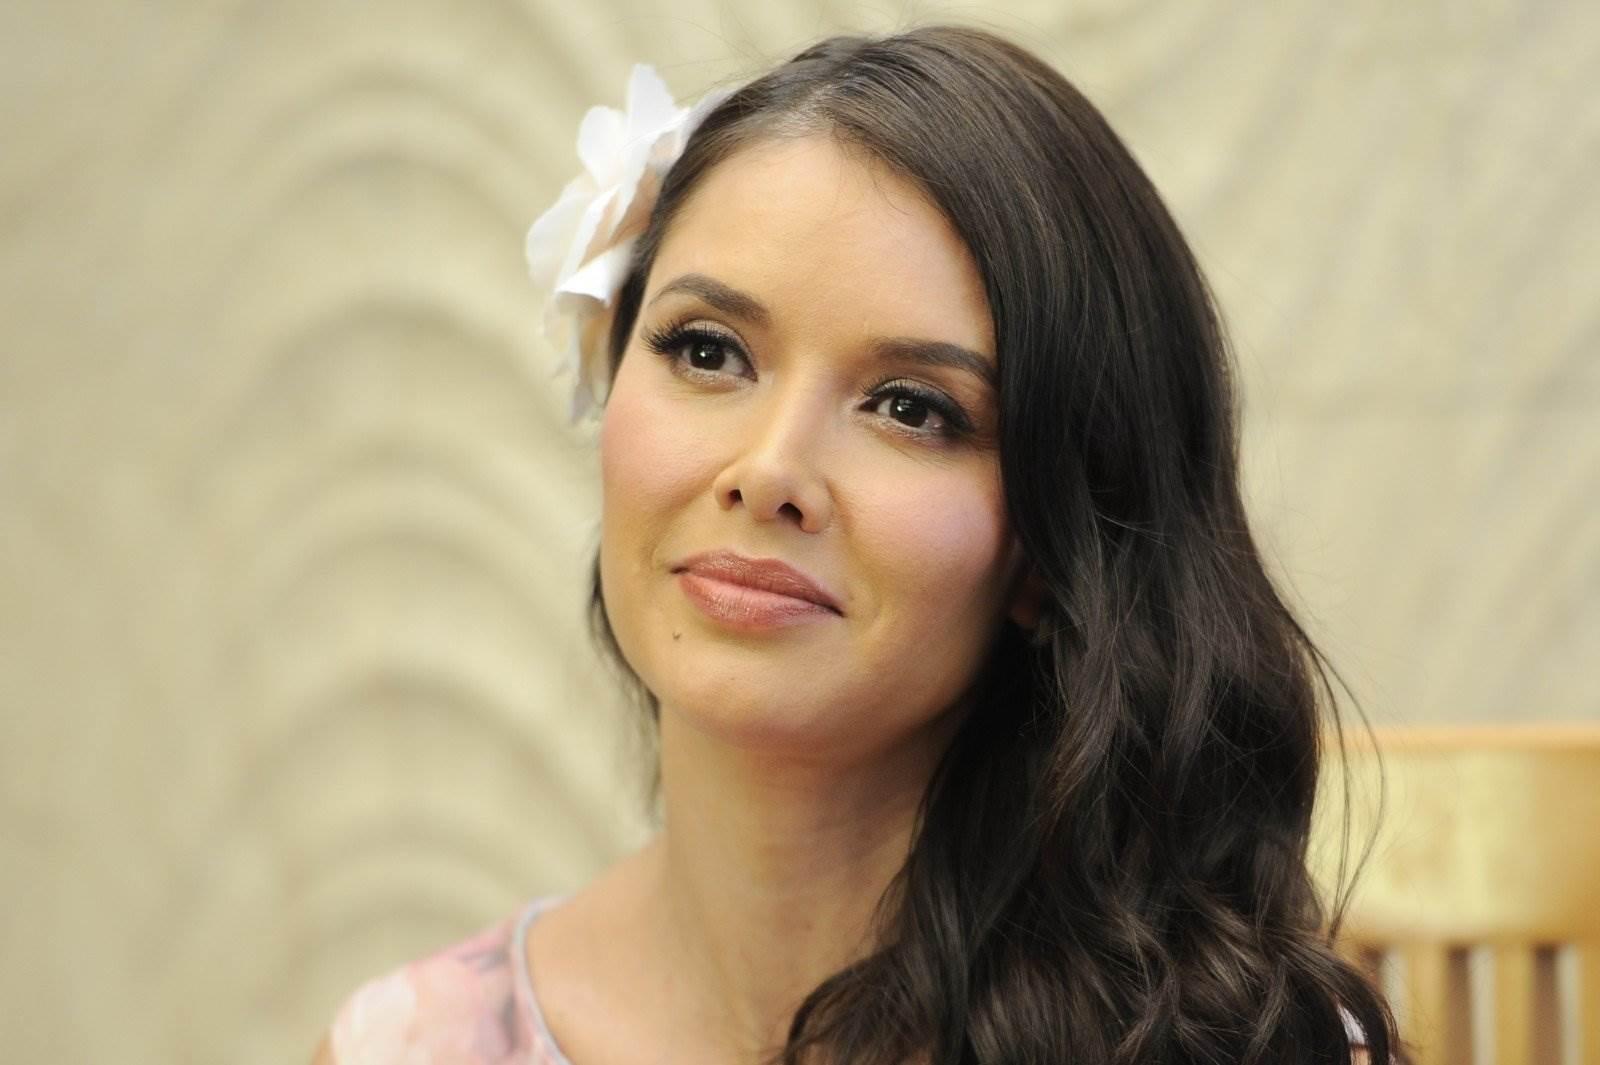 красивые мексиканские женщина фото порно фото